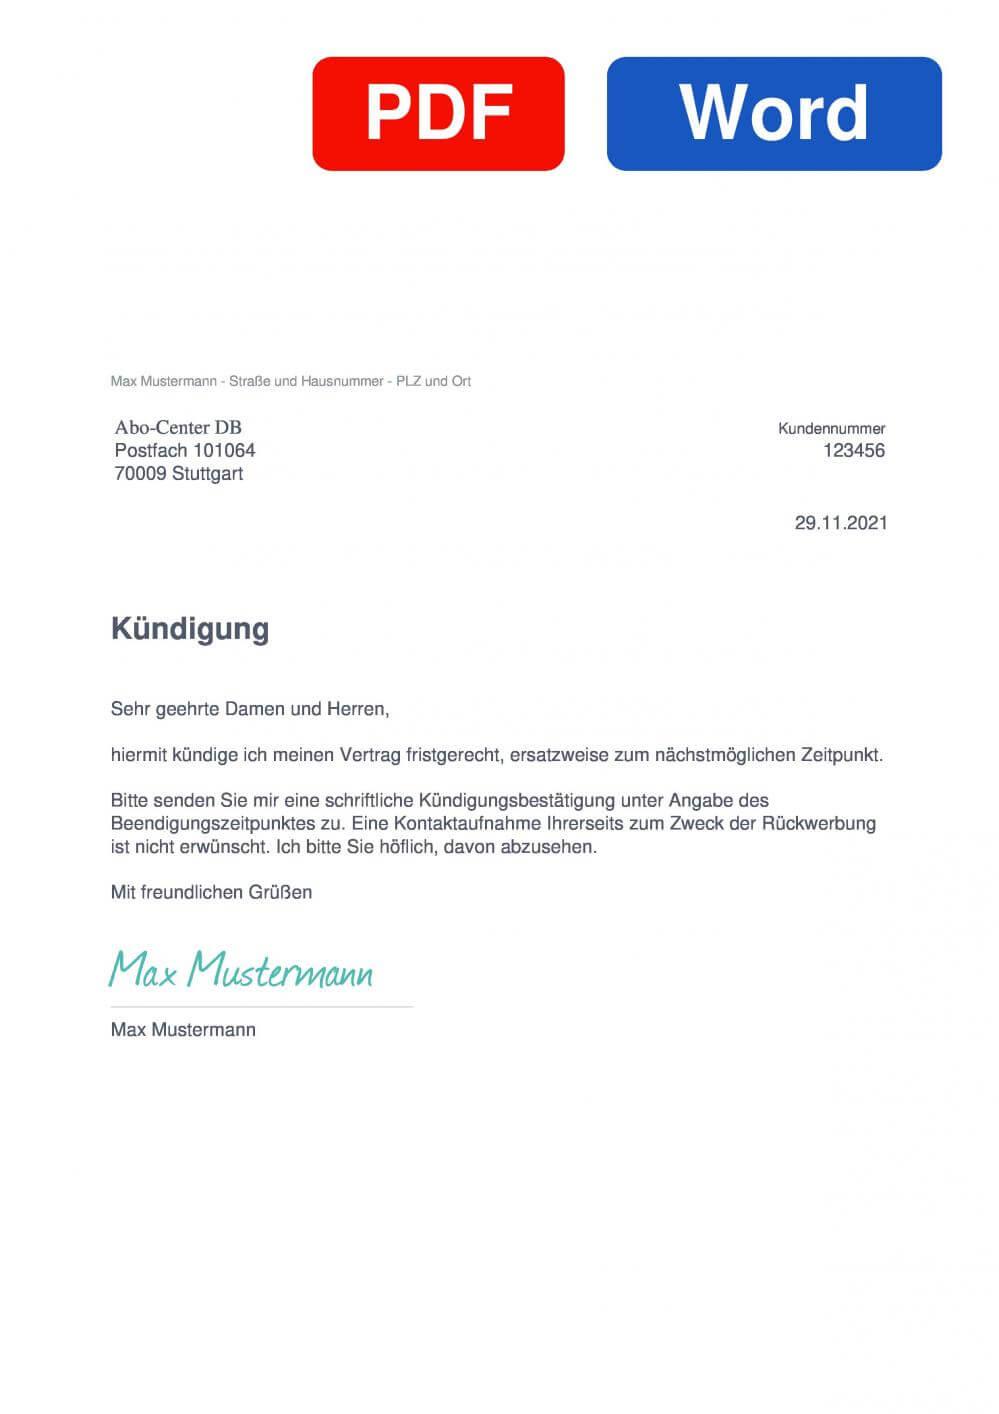 S-Bahn Abo Muster Vorlage für Kündigungsschreiben